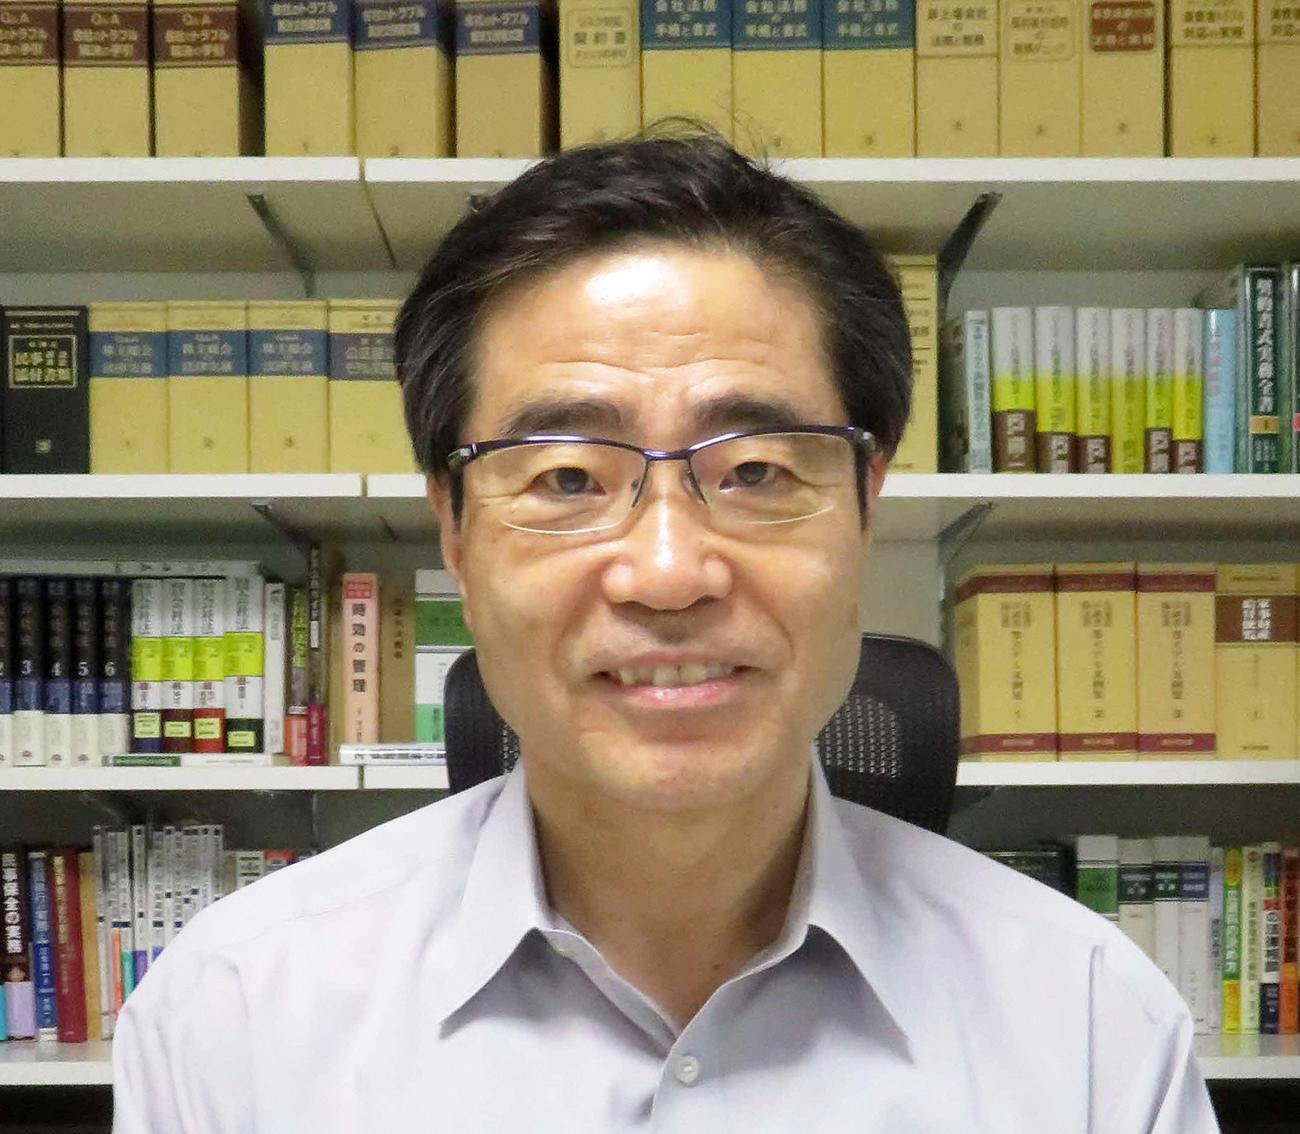 被告 熊沢 熊沢英昭の家族。息子の学校(大学)学歴や長女の悲劇とは